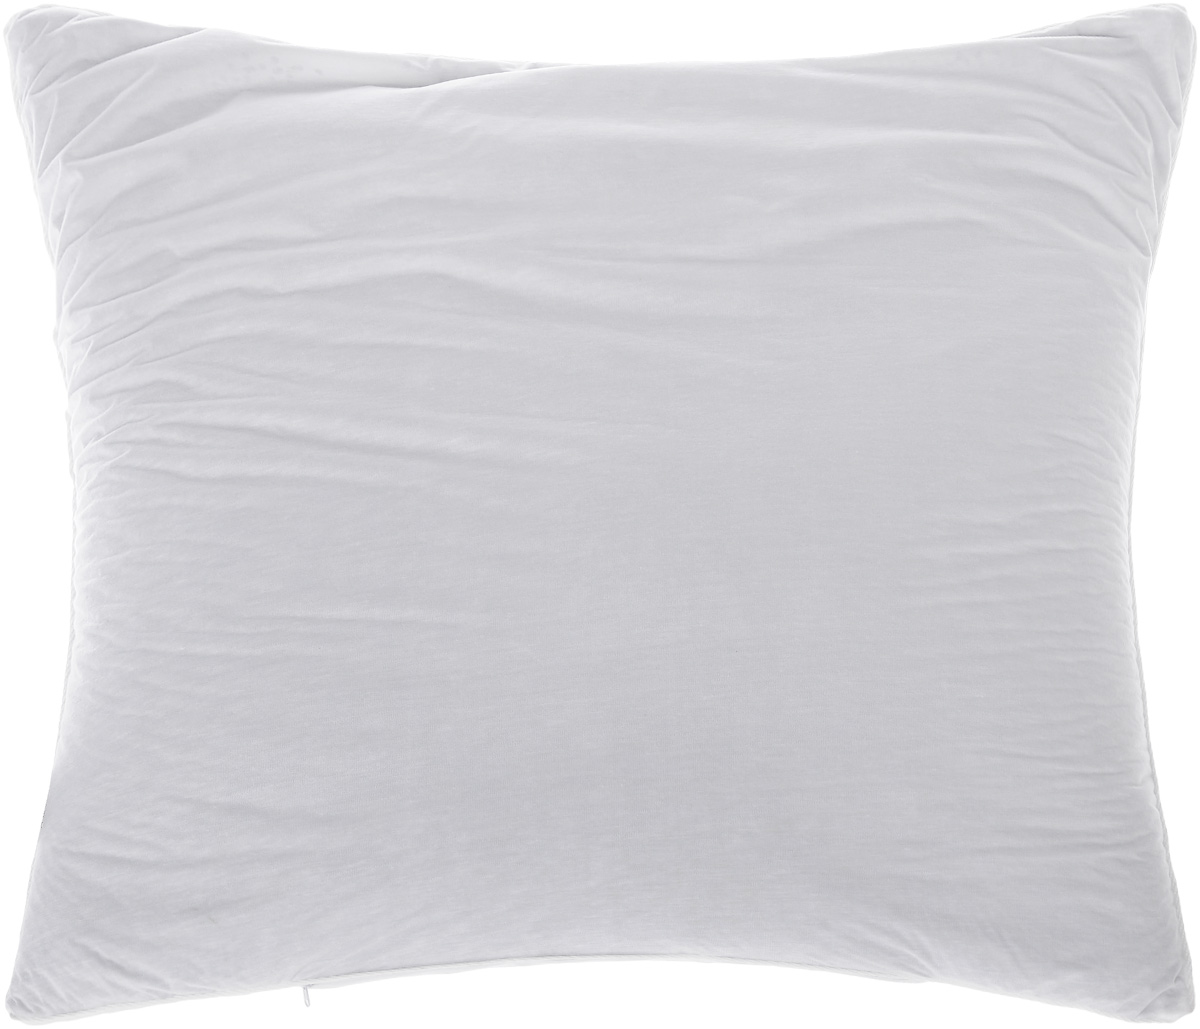 Подушка Smart Textile Эко-сон, наполнитель: лузга гречихи, 68 х 68 смDF07Подушка Smart Textile Эко-сон подарит вам незабываемое чувство комфорта и умиротворения.Чехол выполнен из ткани тенсель. Изделие имеет окантовку и застежку-молнию, через которую удобно отсыпать наполнитель, еслиподушка вам покажется высокой или плотной.Тенсель - это ткань натурального происхождения,которая выполнена из древесного австралийскогоэвкалипта. Верхний слой 100%Tentel, который покрыт дышащей, водоотталкивающей, полиуретановой оболочкой.Наполнителем в такой подушке являетсялузга гречихи. Лузга гречихи дает естественную поддержку головыв удобном положении во время сна, улучшаякровоток, обеспечивает максимальный прилив бодрости и сил после отдыха. Лепестки лузги гречихи имеют полую трехграннуюструктуру, наполнитель легкий и динамичный,позволяет принять во сне естественную поддержку головы в удобномположении. Подушка обладает антибактериальной активностьюк культурам St.aureus(Золотистый стафилококк) и Kl.pneumonia(Клебсиелла пневмония). Аллергия - это довольно неприятное явление длячеловека, обладающего повышеннойчувствительностью к какому-либо компонентуокружающей его среды. Одним из самыхраспространенных аллергенов - этопыль, а точнее пылевые клещи, которые ивызывают недомогания. Лечение аллергии -довольно сложный процесс. Поэтомуэффективнее всего будет профилактика аллергии.Лучший способ предотвратитьвозникновение аллергической реакции - этоизбегать контакта с аллергеном или, по крайнеймере, свести эти контакты кминимуму. Ткань непроницаема для клеща,домашней пыли и аллергенов. При этом онасохраняет проницаемость для воздуха и паровводы. Клещ не получает основную его пищу - этомельчайшие частицы нашей кожи,поэтому быстро гибнет.Рекомендации по уходу: Ручная стирка при температуре воды до 60°С.Отбеливание запрещено. Разрешены деликатная барабанная сушка, химчистка и глажка.